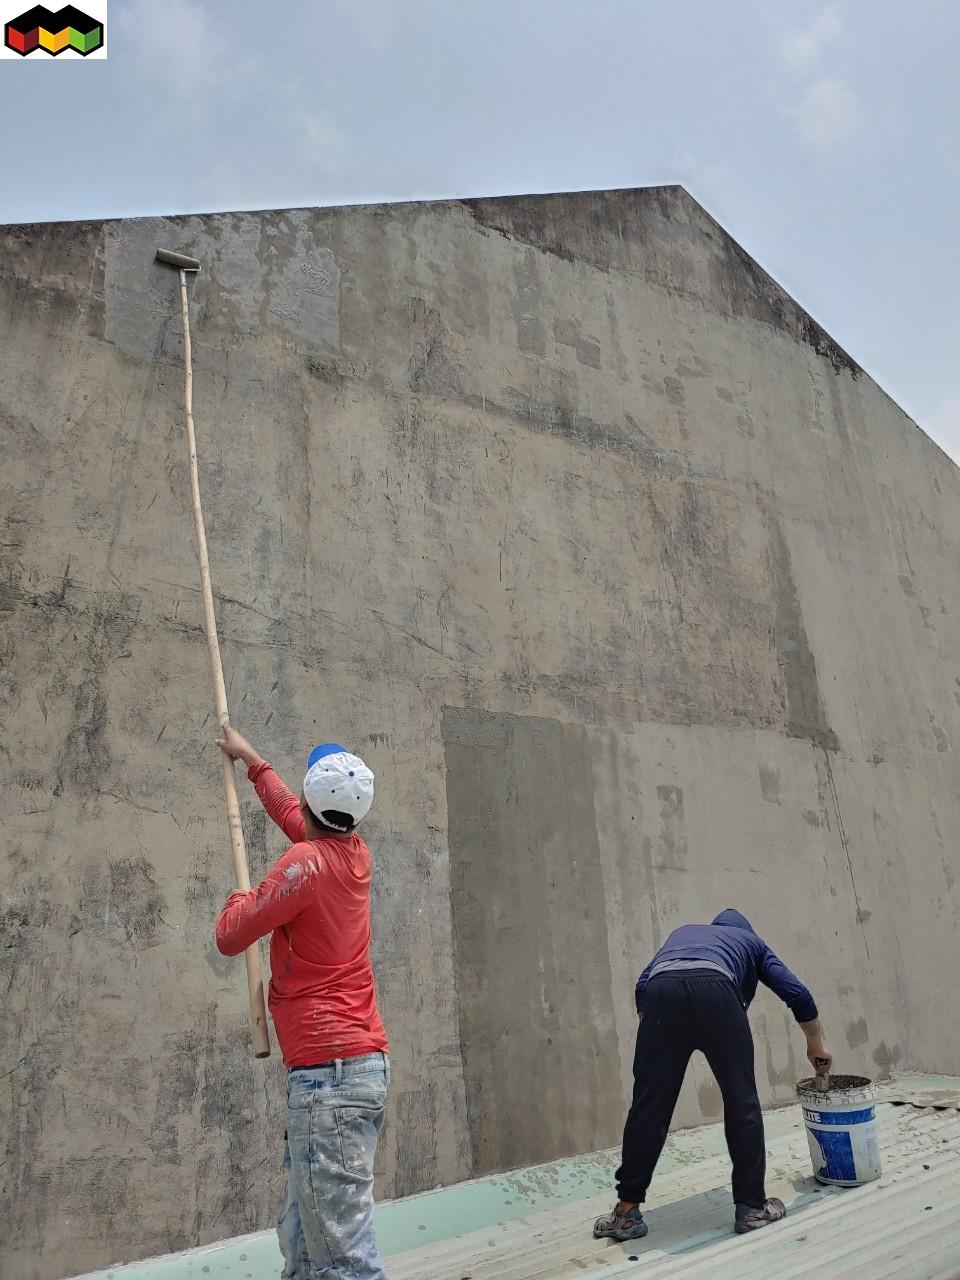 sửa nhà tại tphcm - đội thợ sửa nhà tại tphcm - Mái NHà Đẹp uy tín hàng đầu